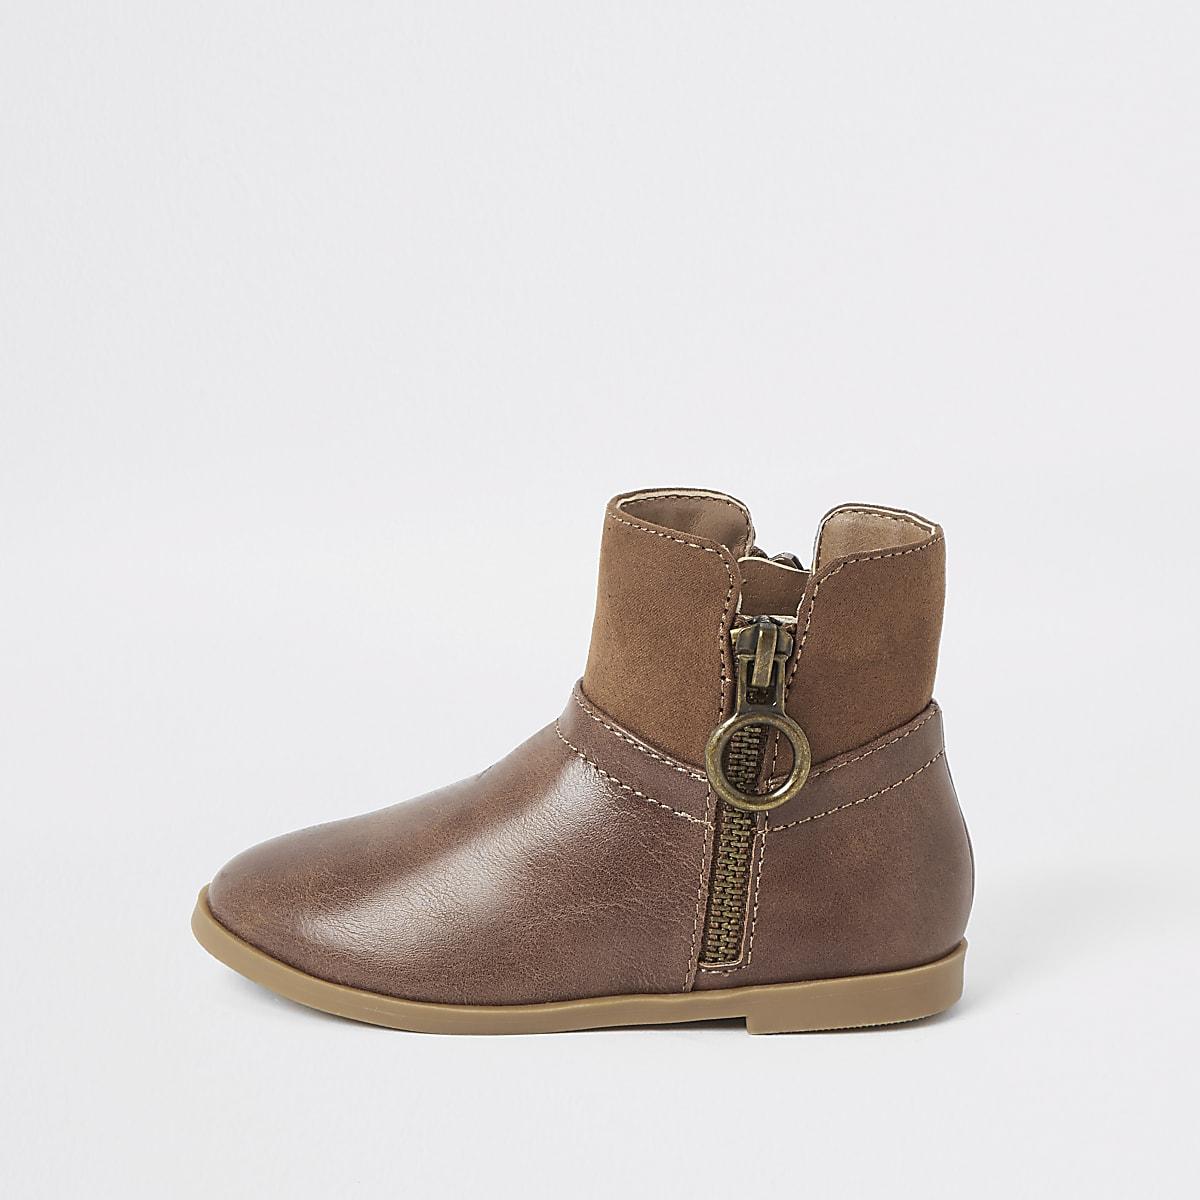 Mini - Bruine laarzen met rits aan zijkant voor meisjes